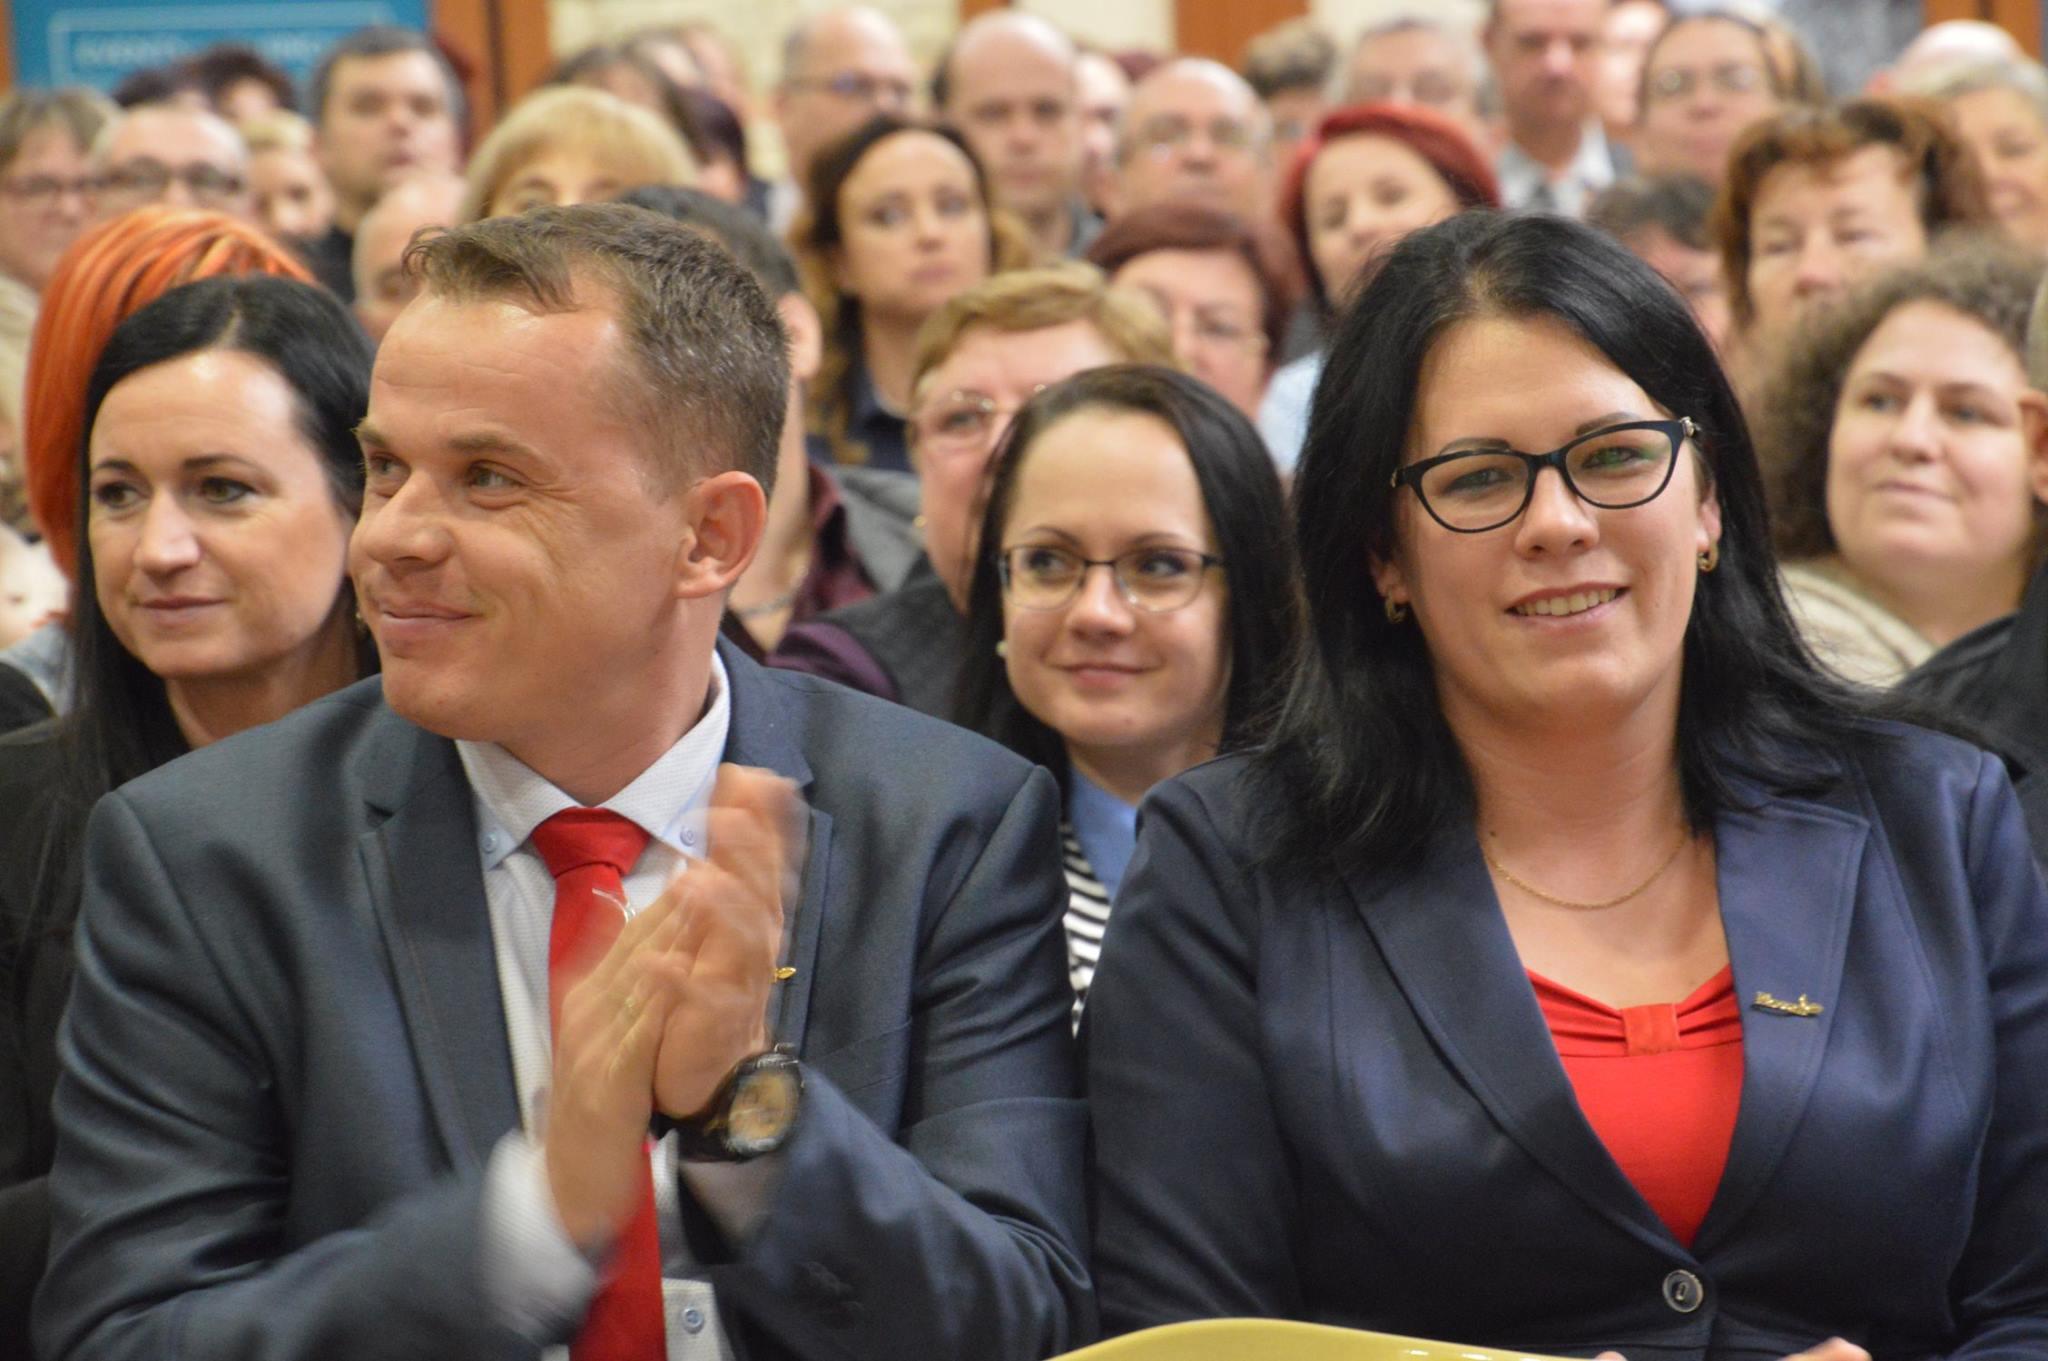 Tasnádi Zsolt és Tasnádiné Szabó Mónika – láthatóan ragyog az emődi nagycsaládos házaspár, és erre minden okuk megvan, igaz tesznek is érte bőven…